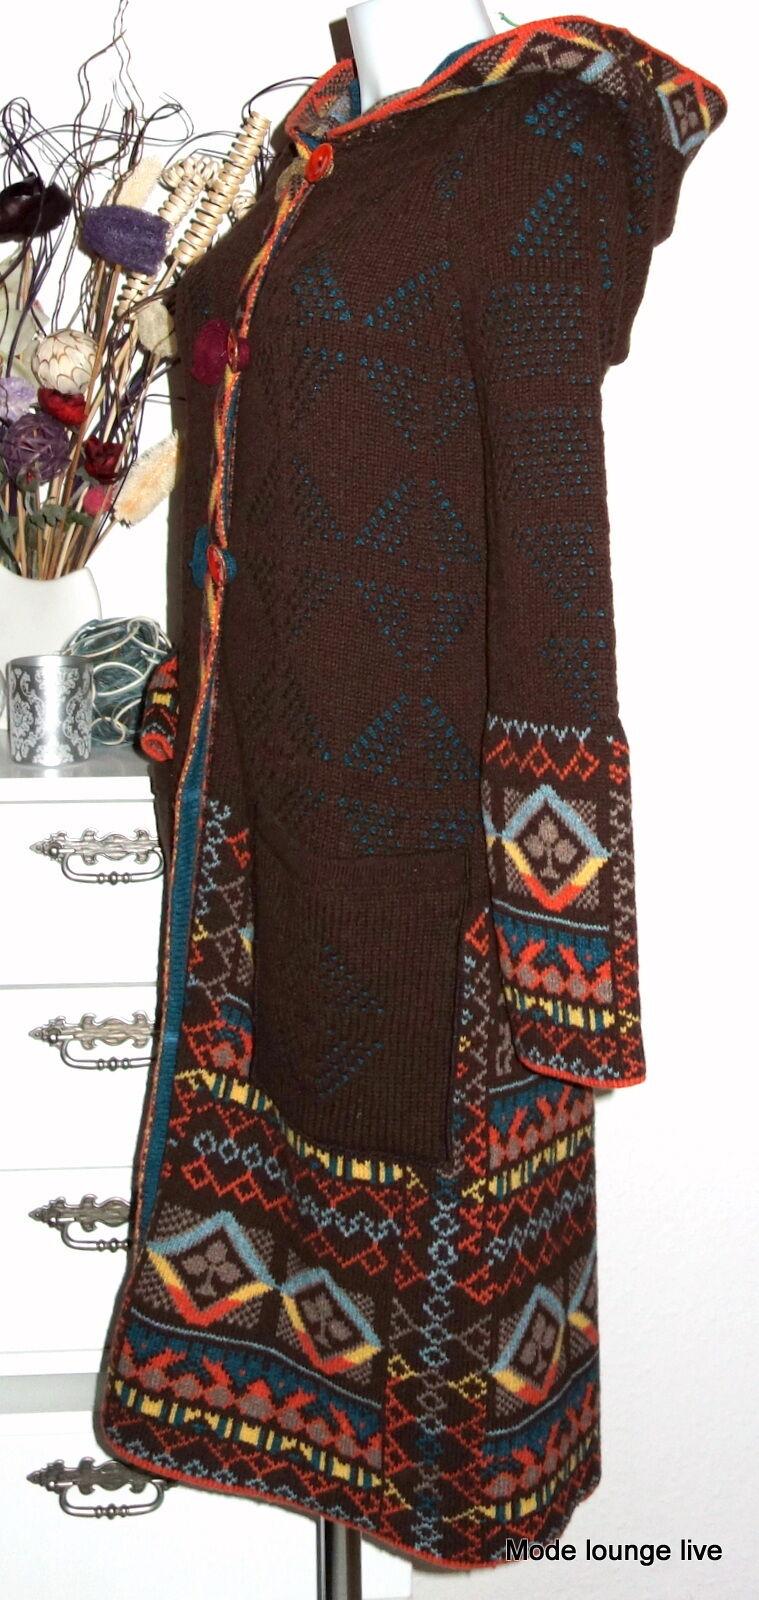 IVKO Wolle Mantel mit Mütze braun wool with Eclecticism Hoodi Coat braun 32702 | Deutschland  | Hohe Qualität und Wirtschaftlichkeit  | Shop  | New Listing  | Vorzugspreis